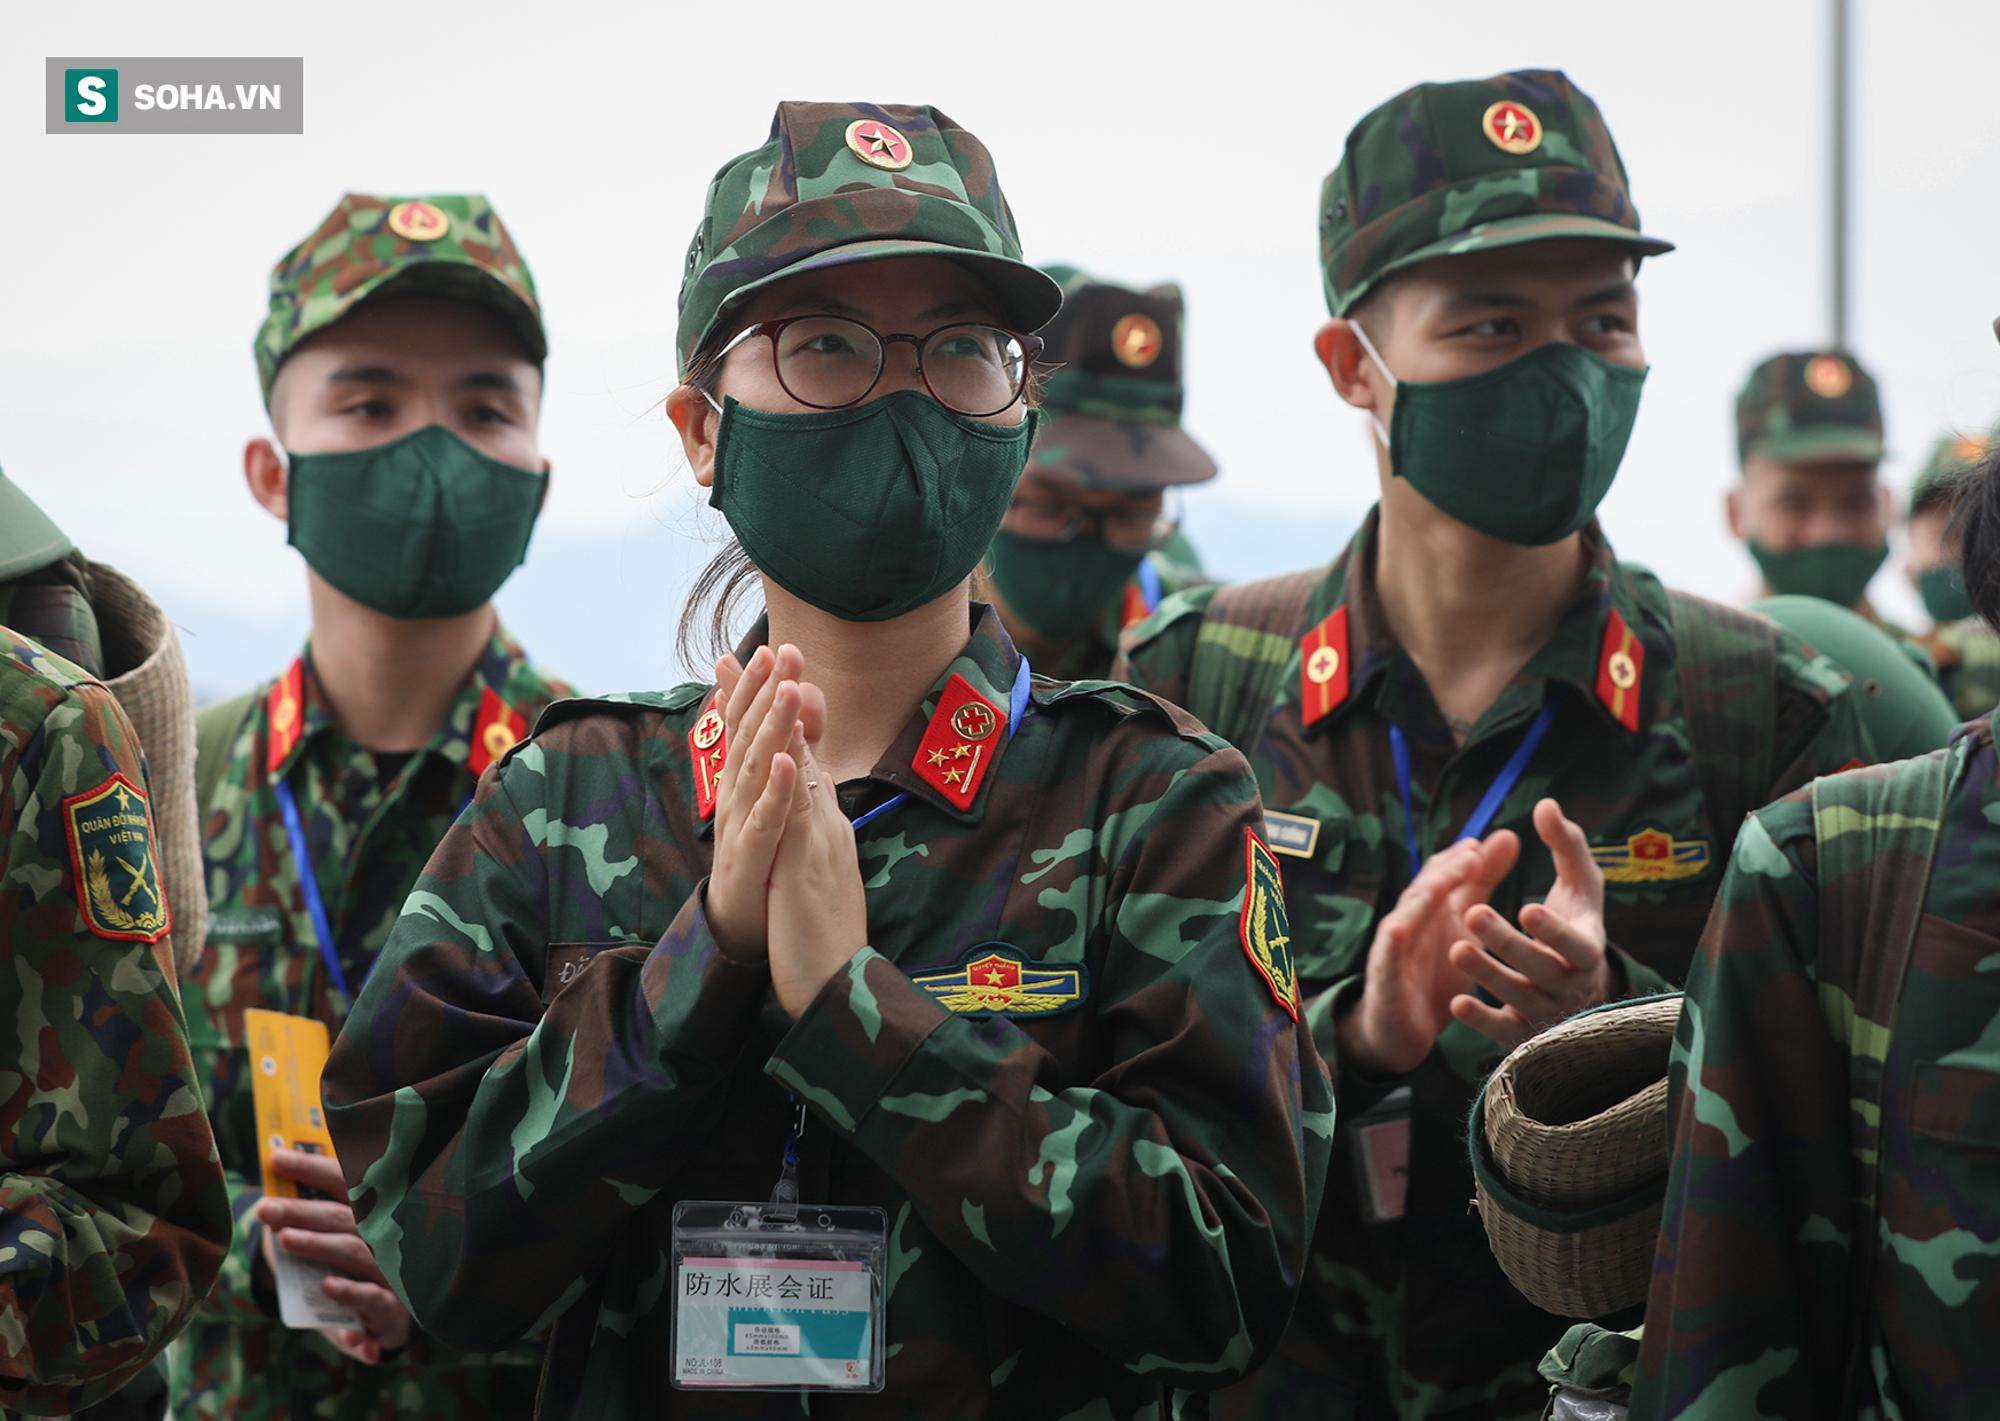 Phó Thủ tướng, Bộ trưởng Quốc phòng cùng hơn 1000 y, bác sĩ lên đường vào TP HCM chống dịch - Ảnh 2.